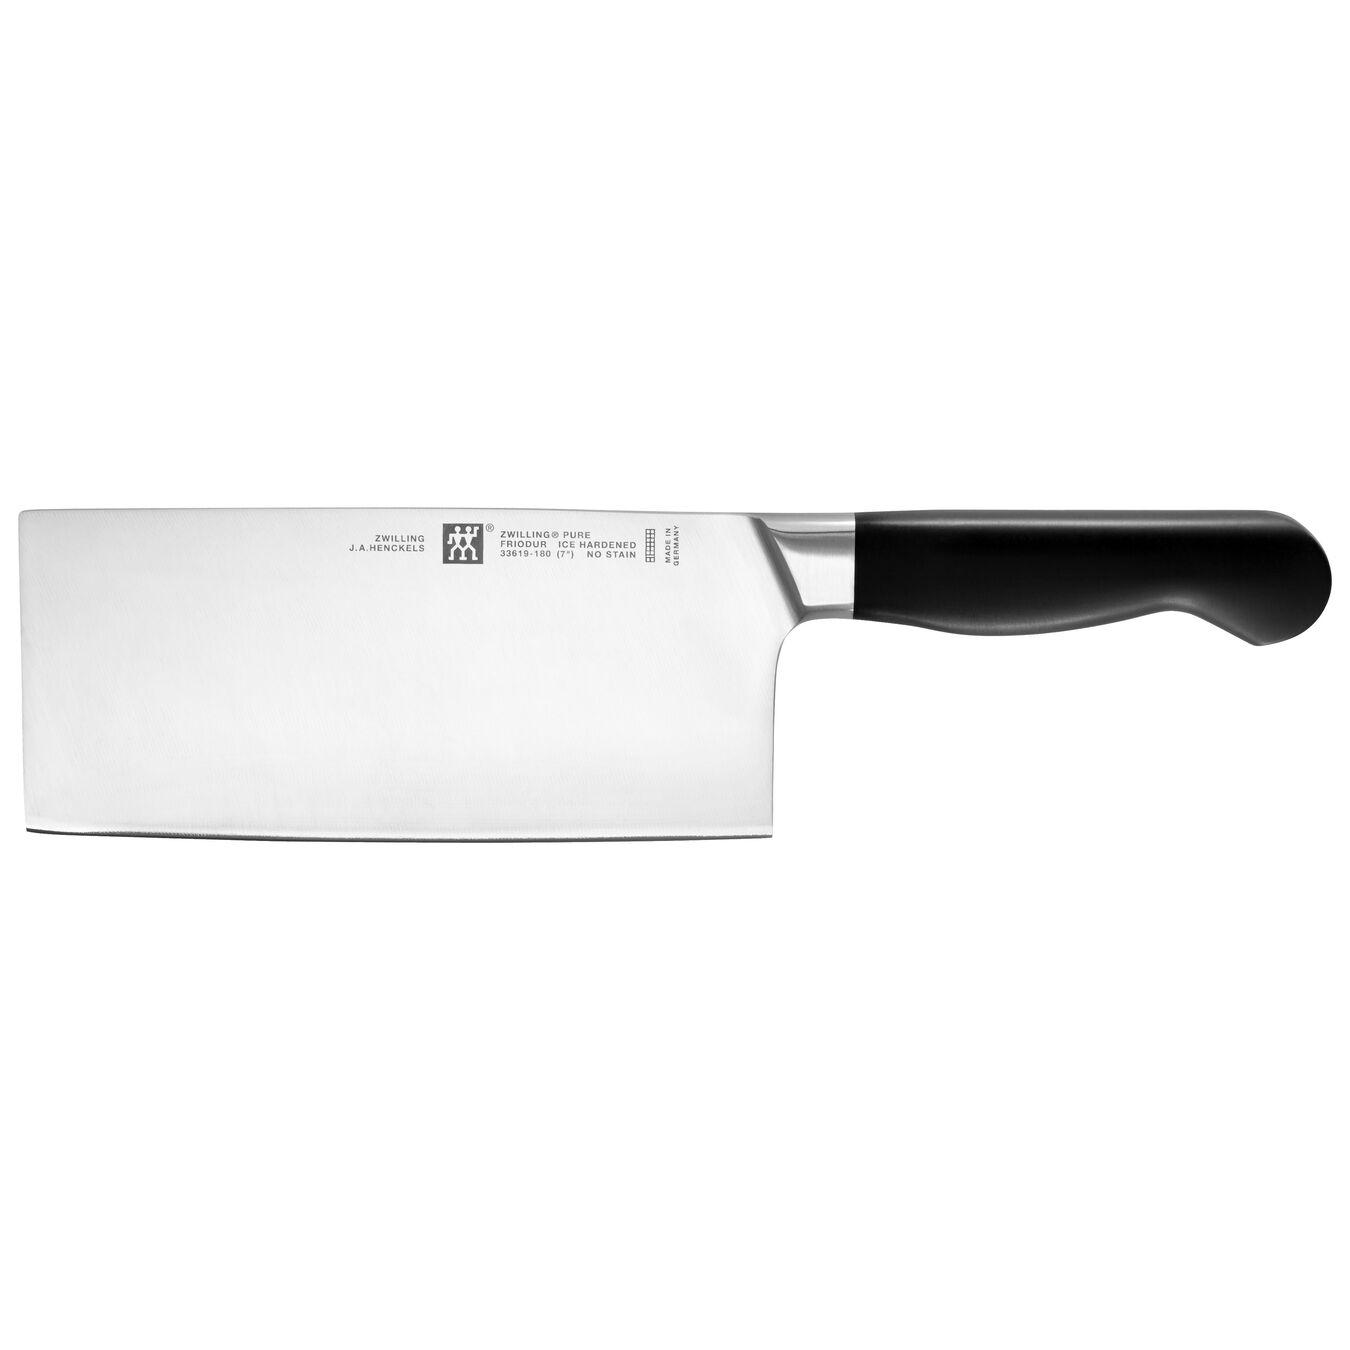 Coltello da cuoco modello cinese liscio - 18 cm, forgiato,,large 1